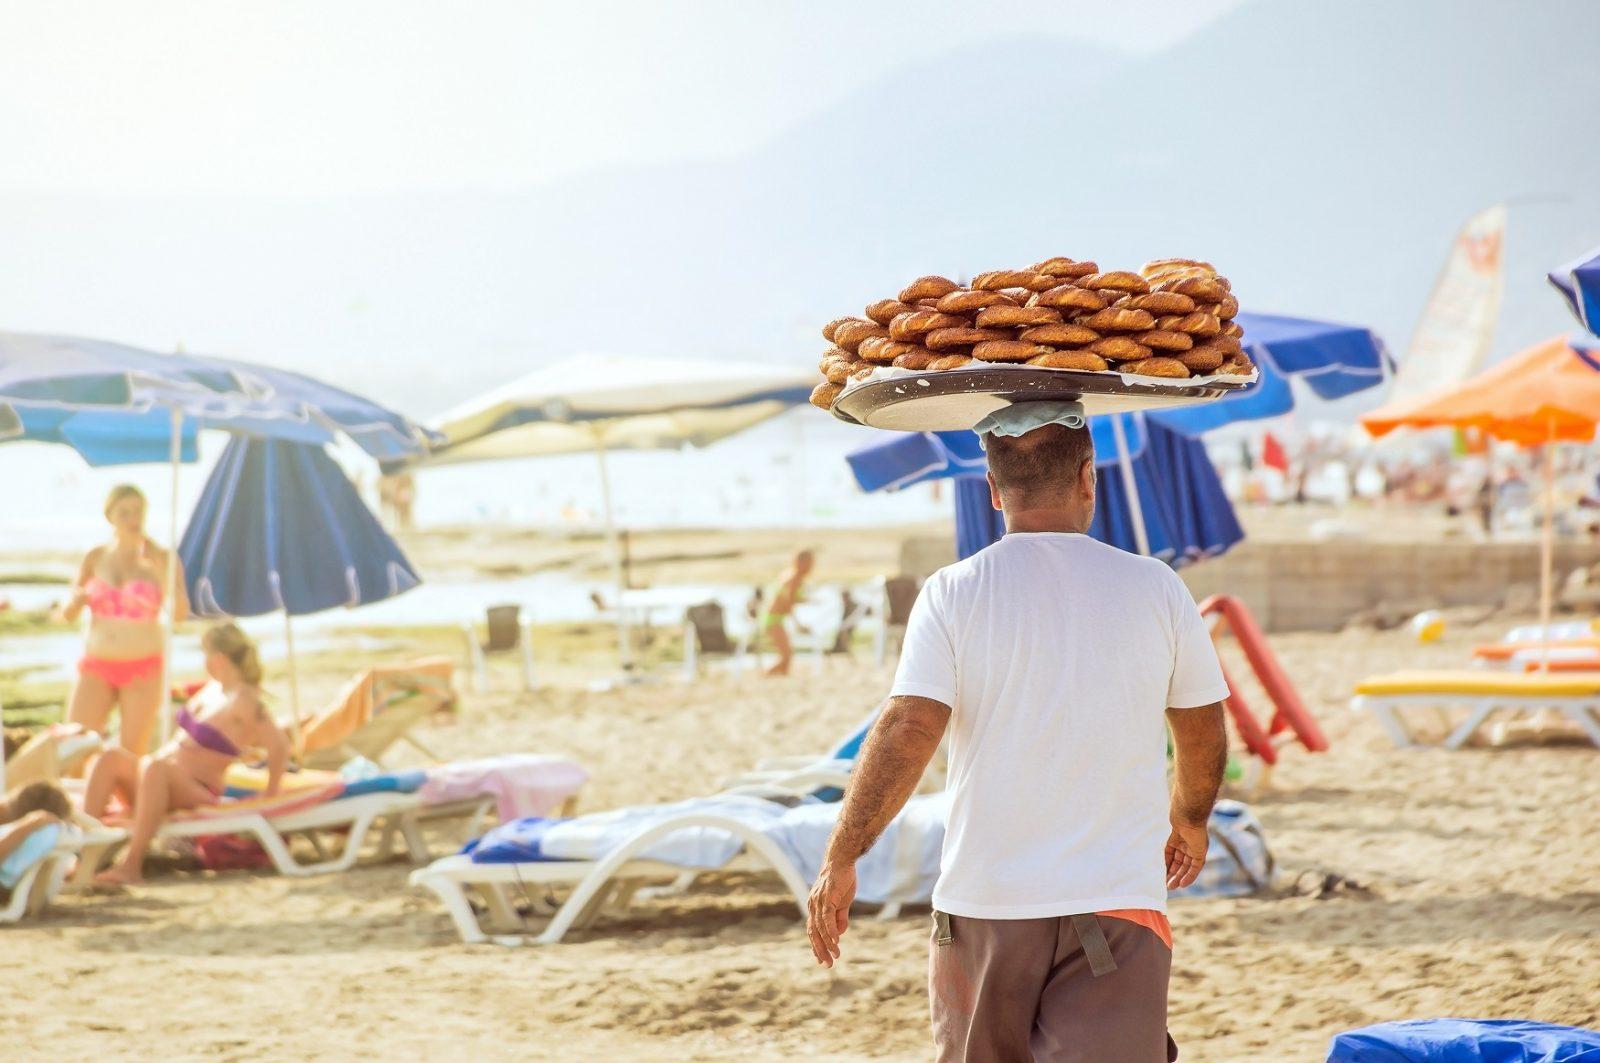 zagruzhennoe 7 - Турция